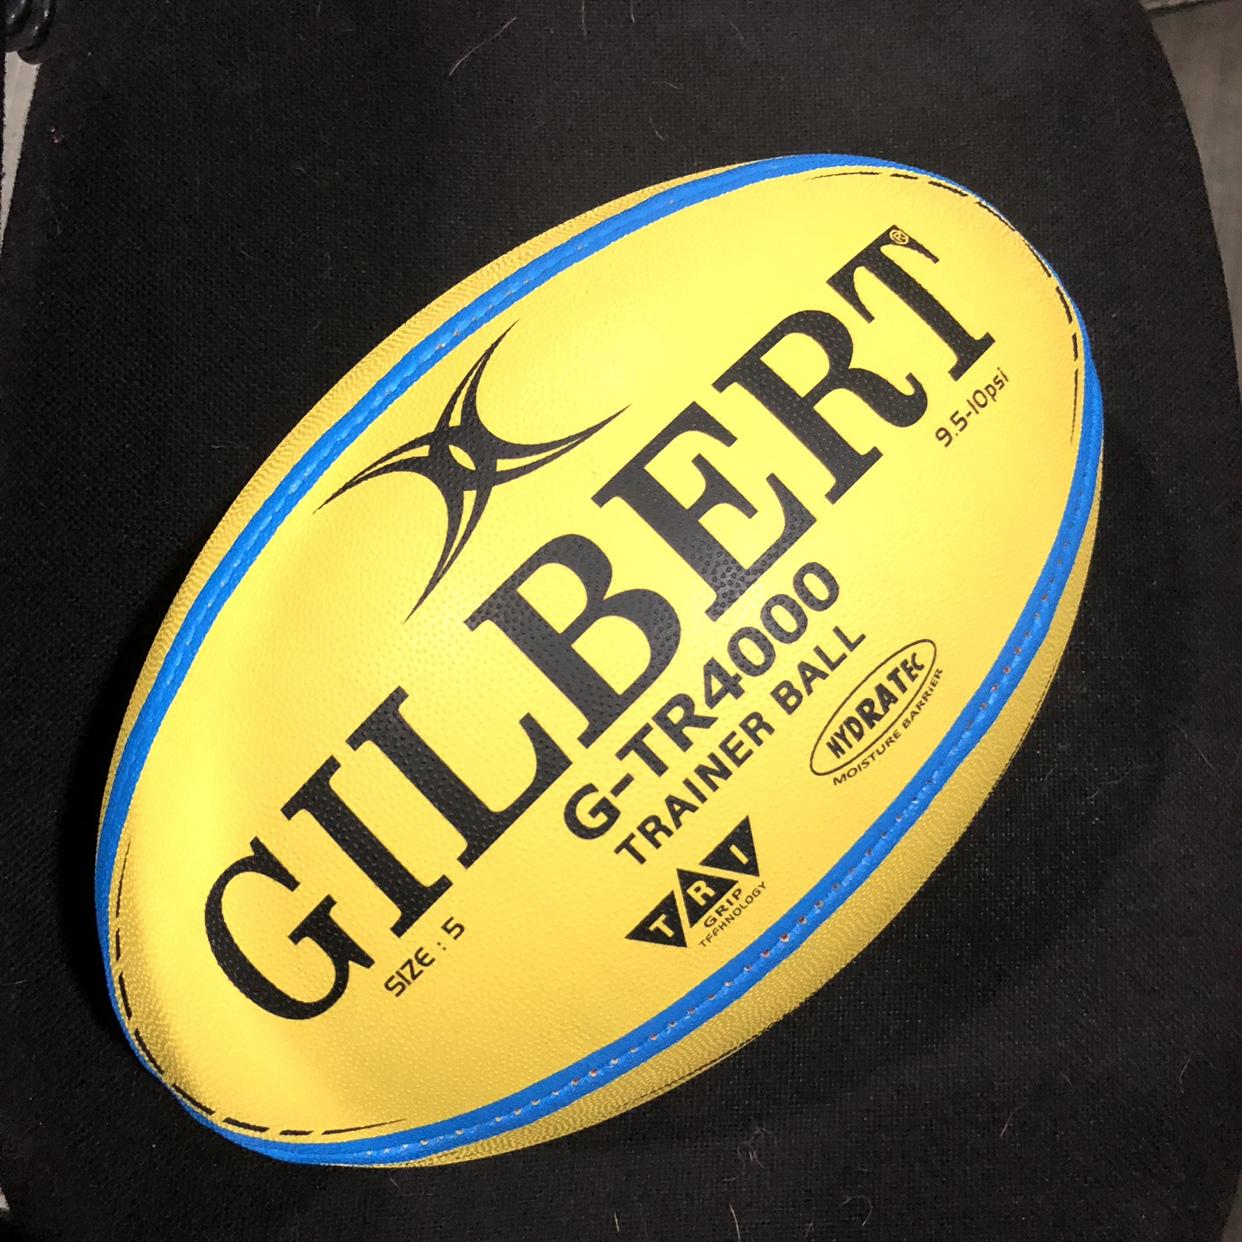 Gilbert Rugby Ball/吉尔伯特英式橄榄球 2011新西兰世 界 杯